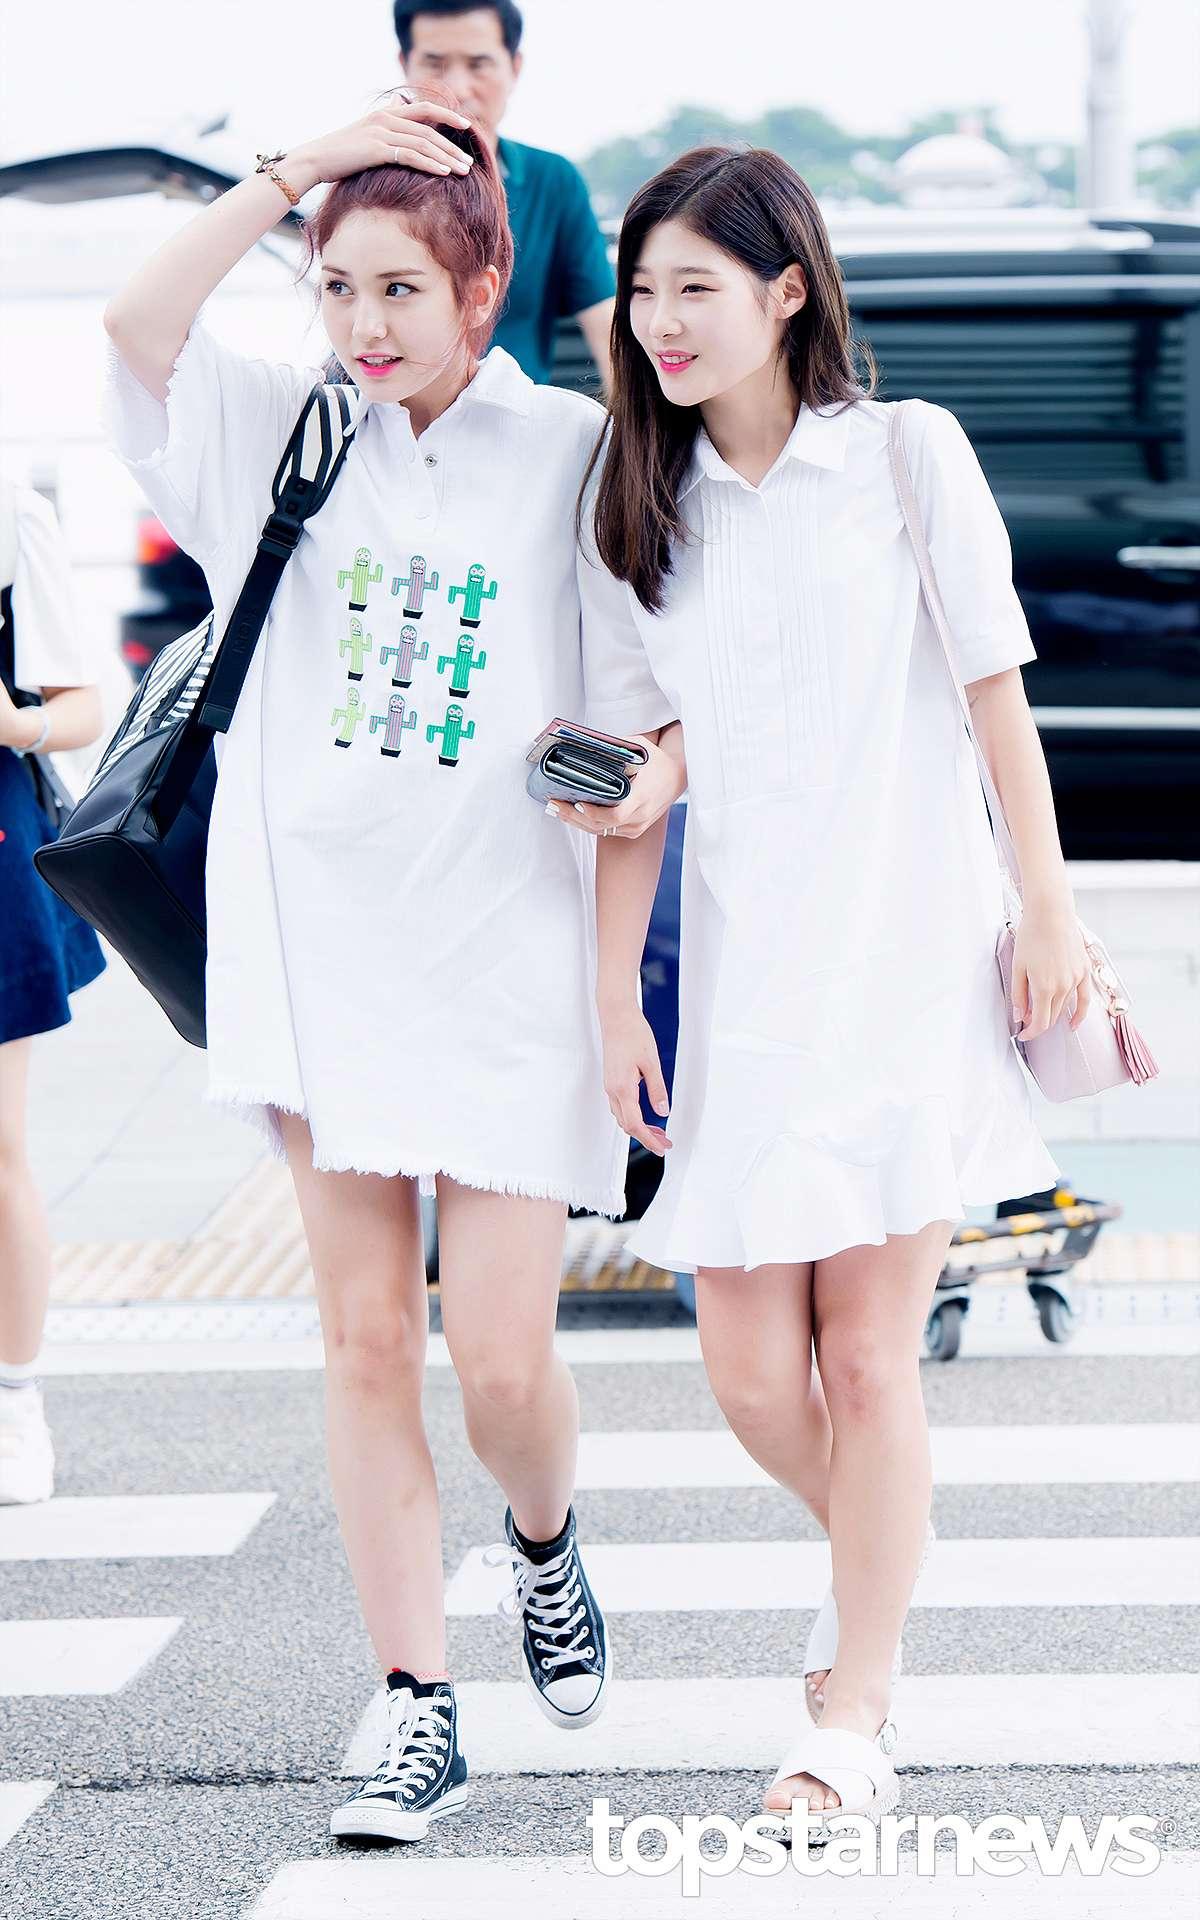 Somi跟彩妍則都是白色小洋裝~而Somi這身長版T恤洋裝搭配可愛的仙人掌圖案,被媒體評為超完美啊~害我也想買一件了啦~